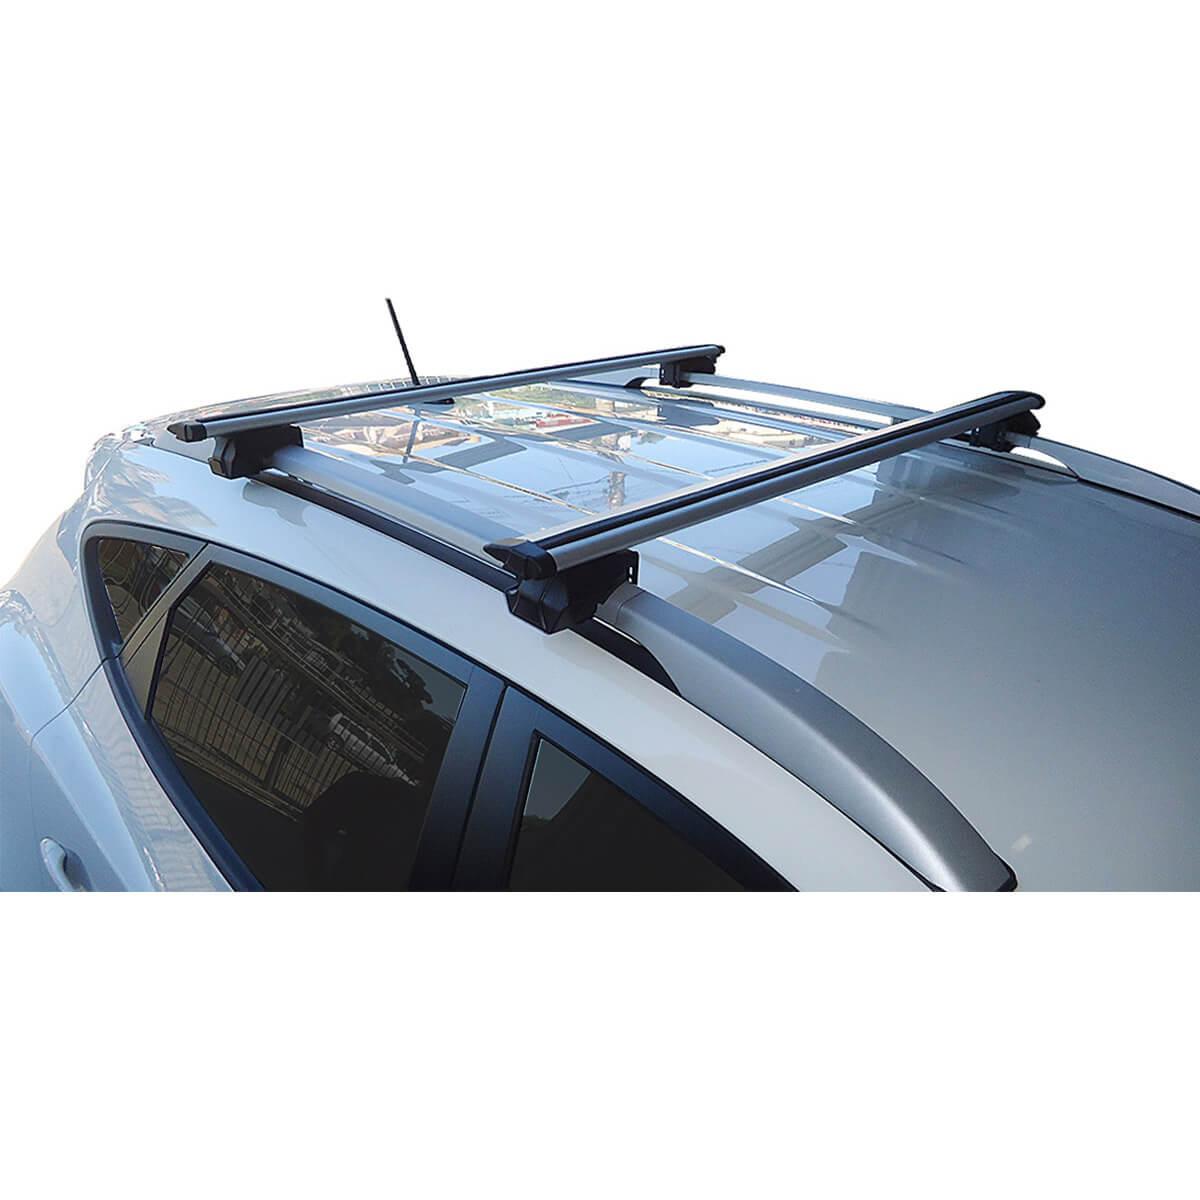 Travessa rack de teto Procargo HB20X 2014 a 2017 com trava de segurança